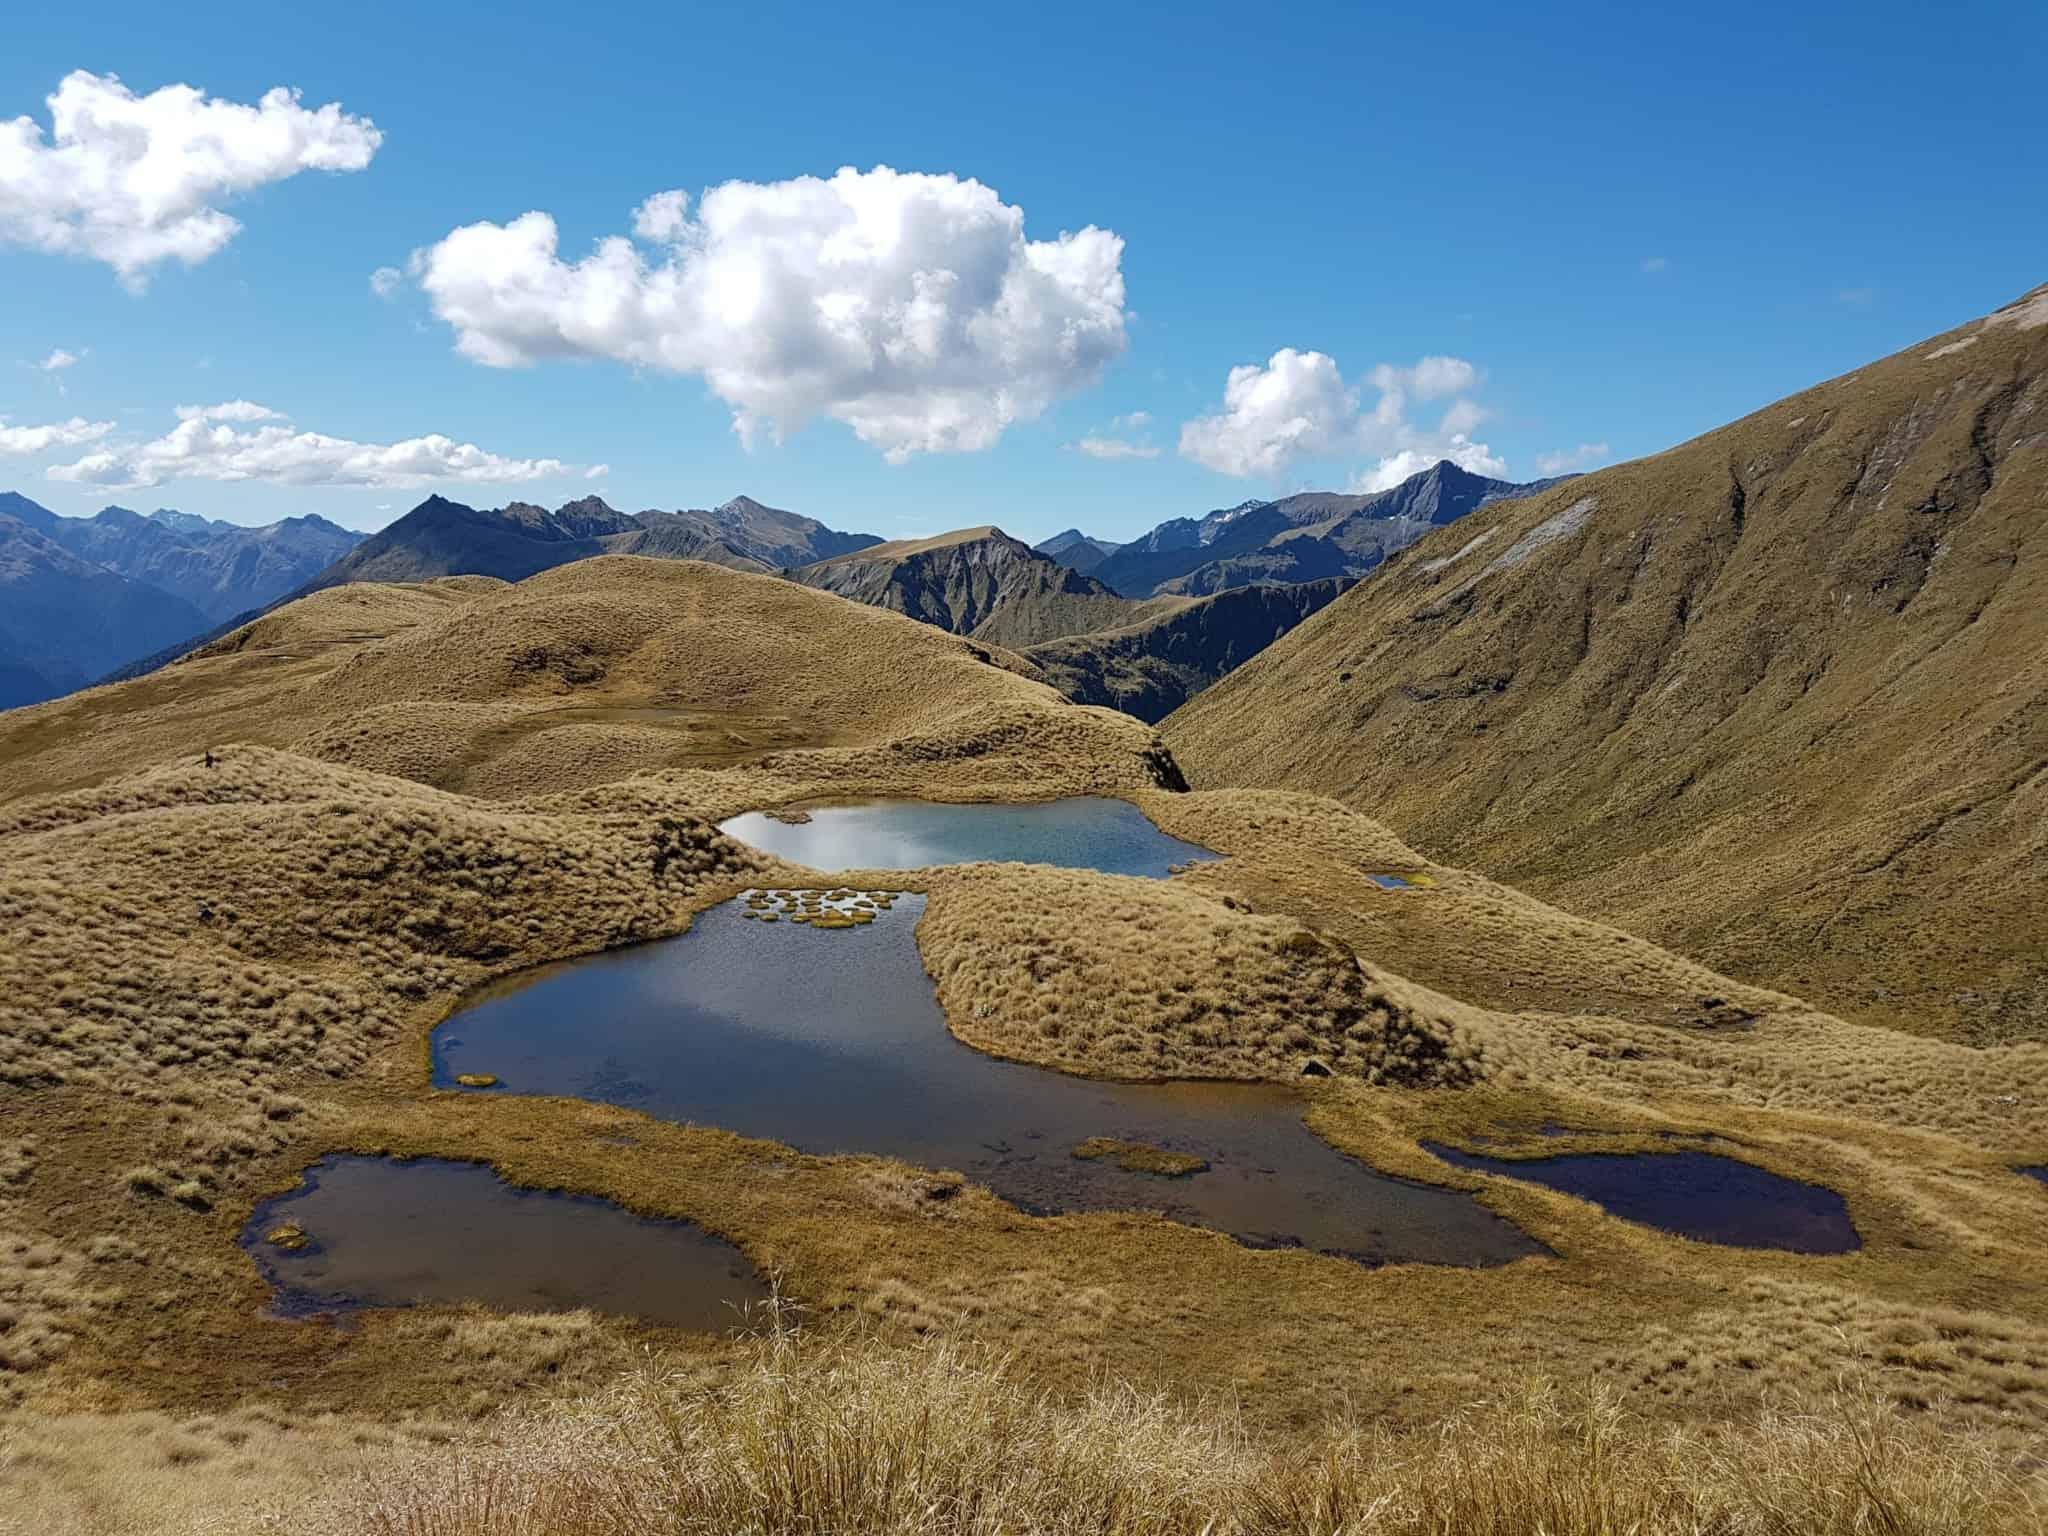 Nouvelle-Zélande, la Mount Burns Tarns Track une rando hors des sentiers battus 👟 15